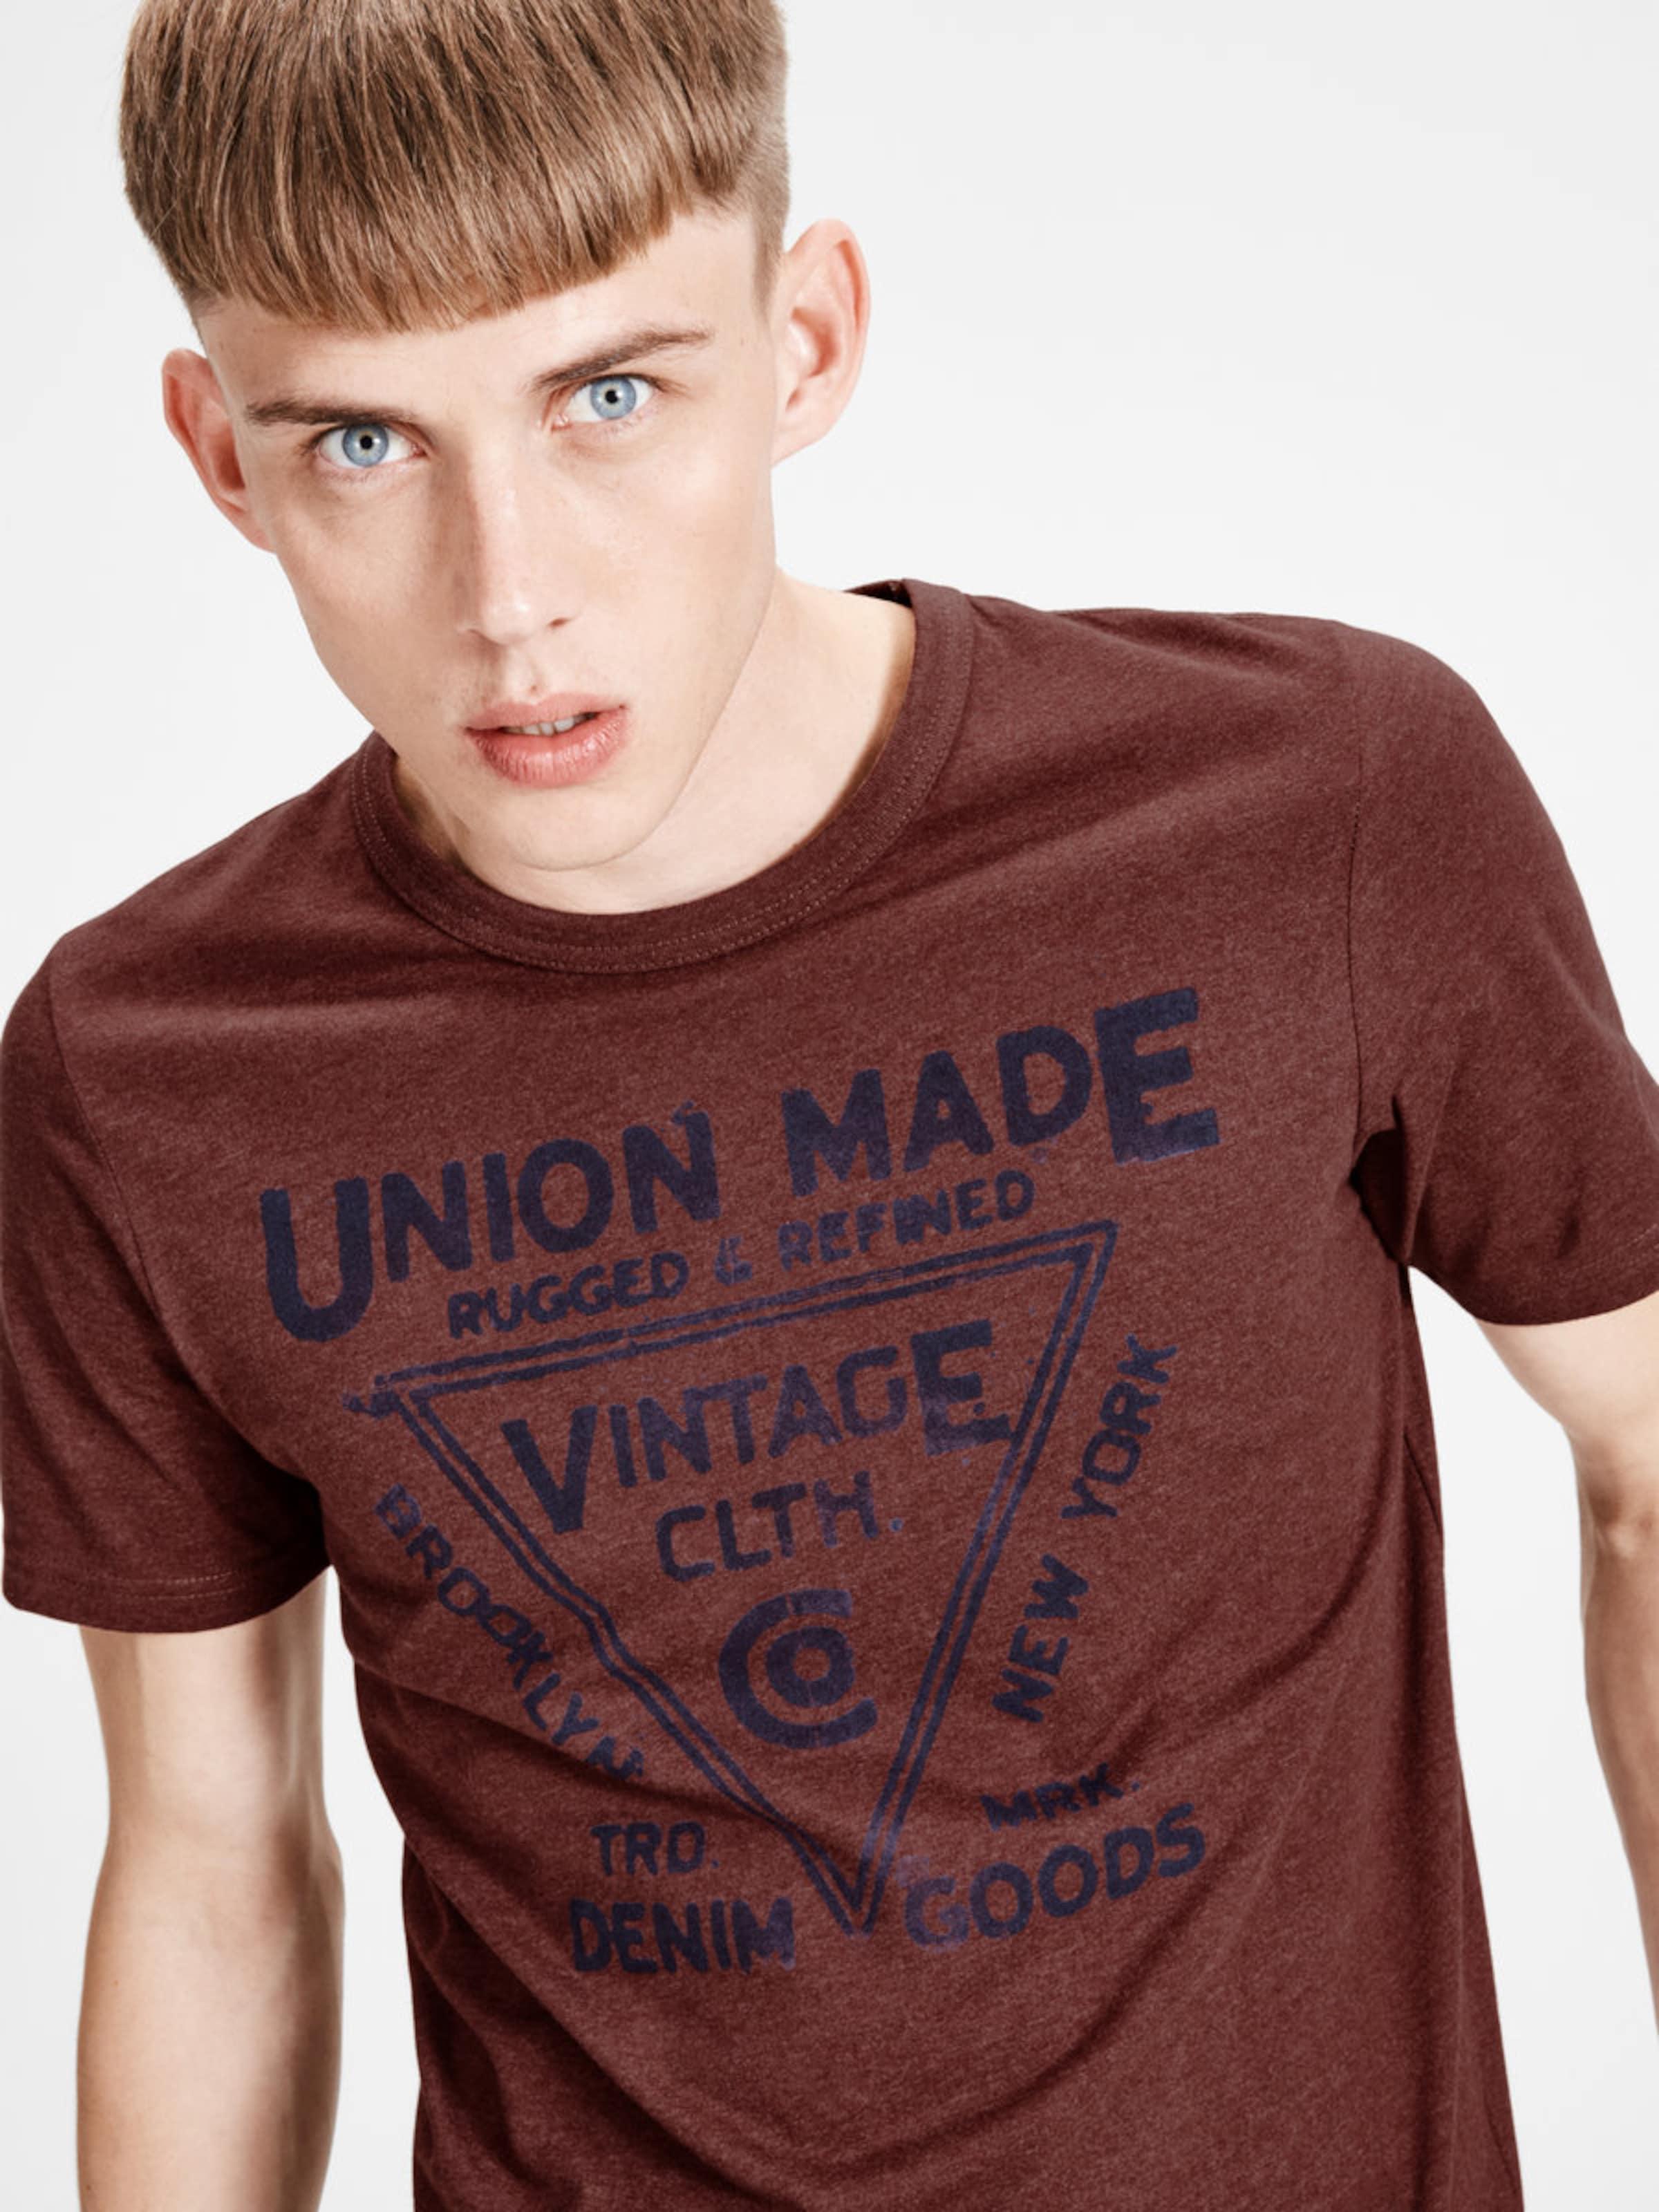 JACK & JONES T-Shirt Lässiges Billig Verkauf Sammlungen 100% Authentisch Vermarktbare Günstig Online Billig Verkaufen Große Überraschung Verkauf Original FAfm76Rrv